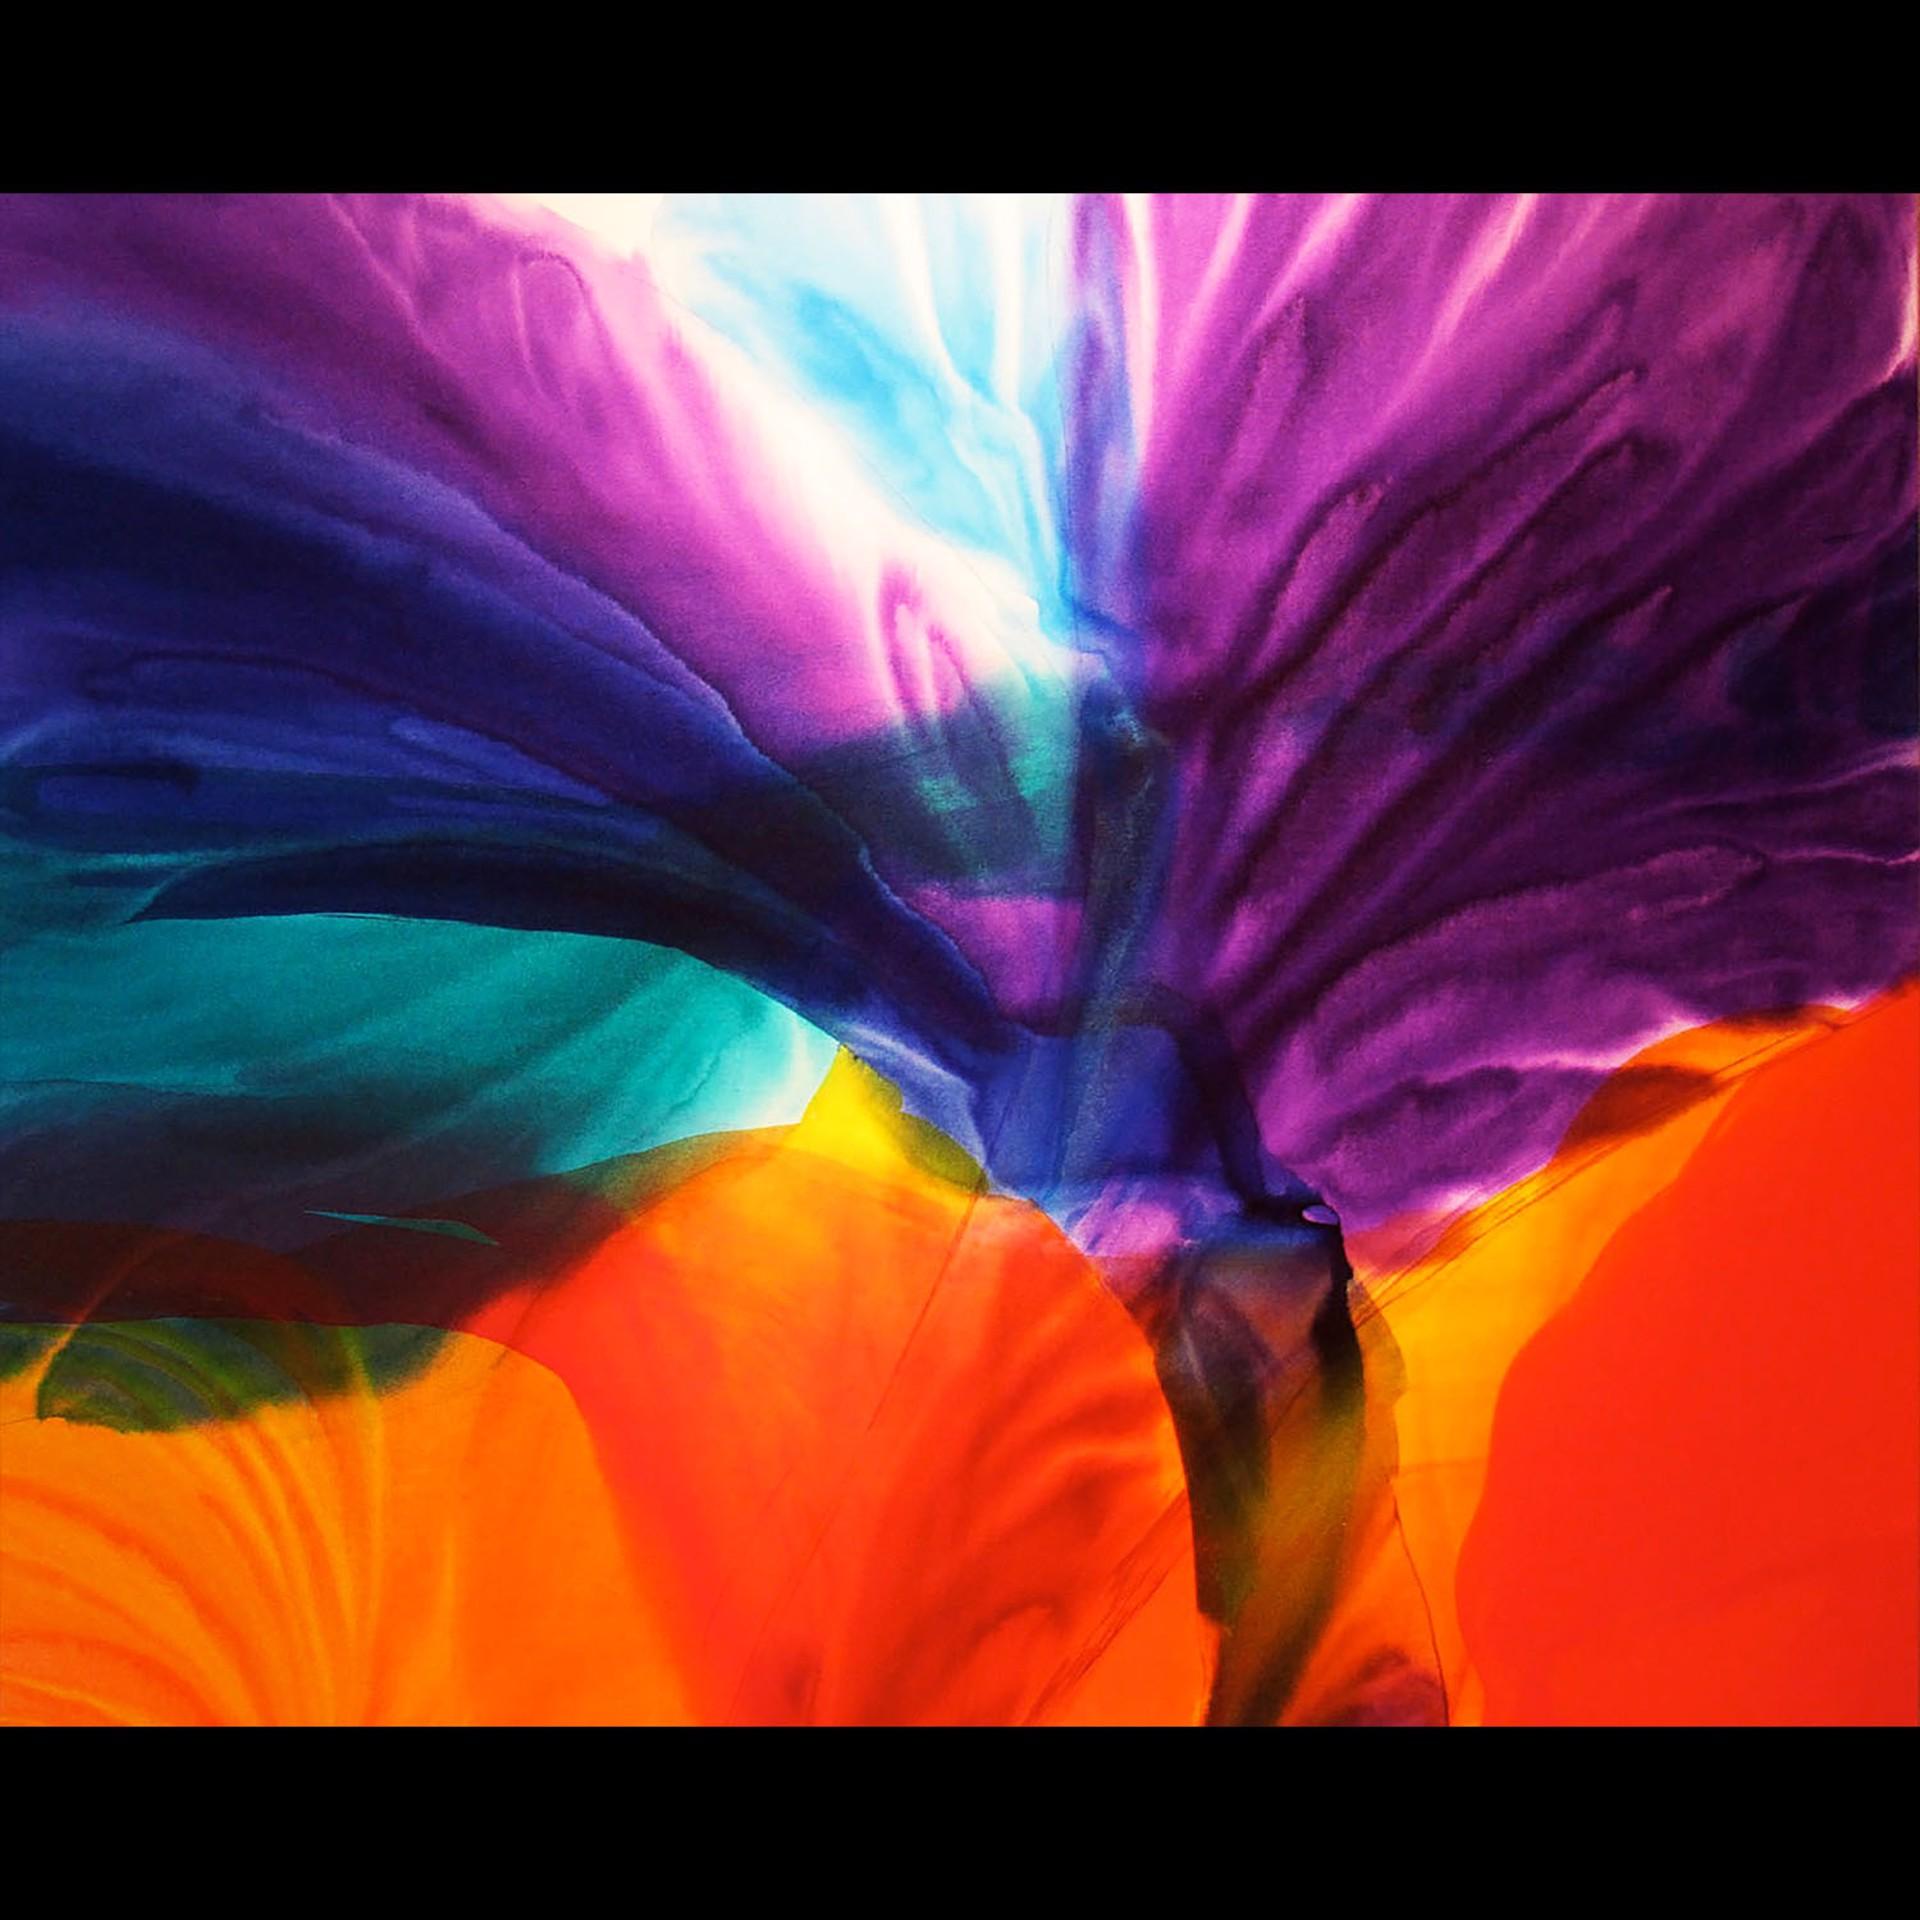 Cosmic Butterfly by Jill Amundsen